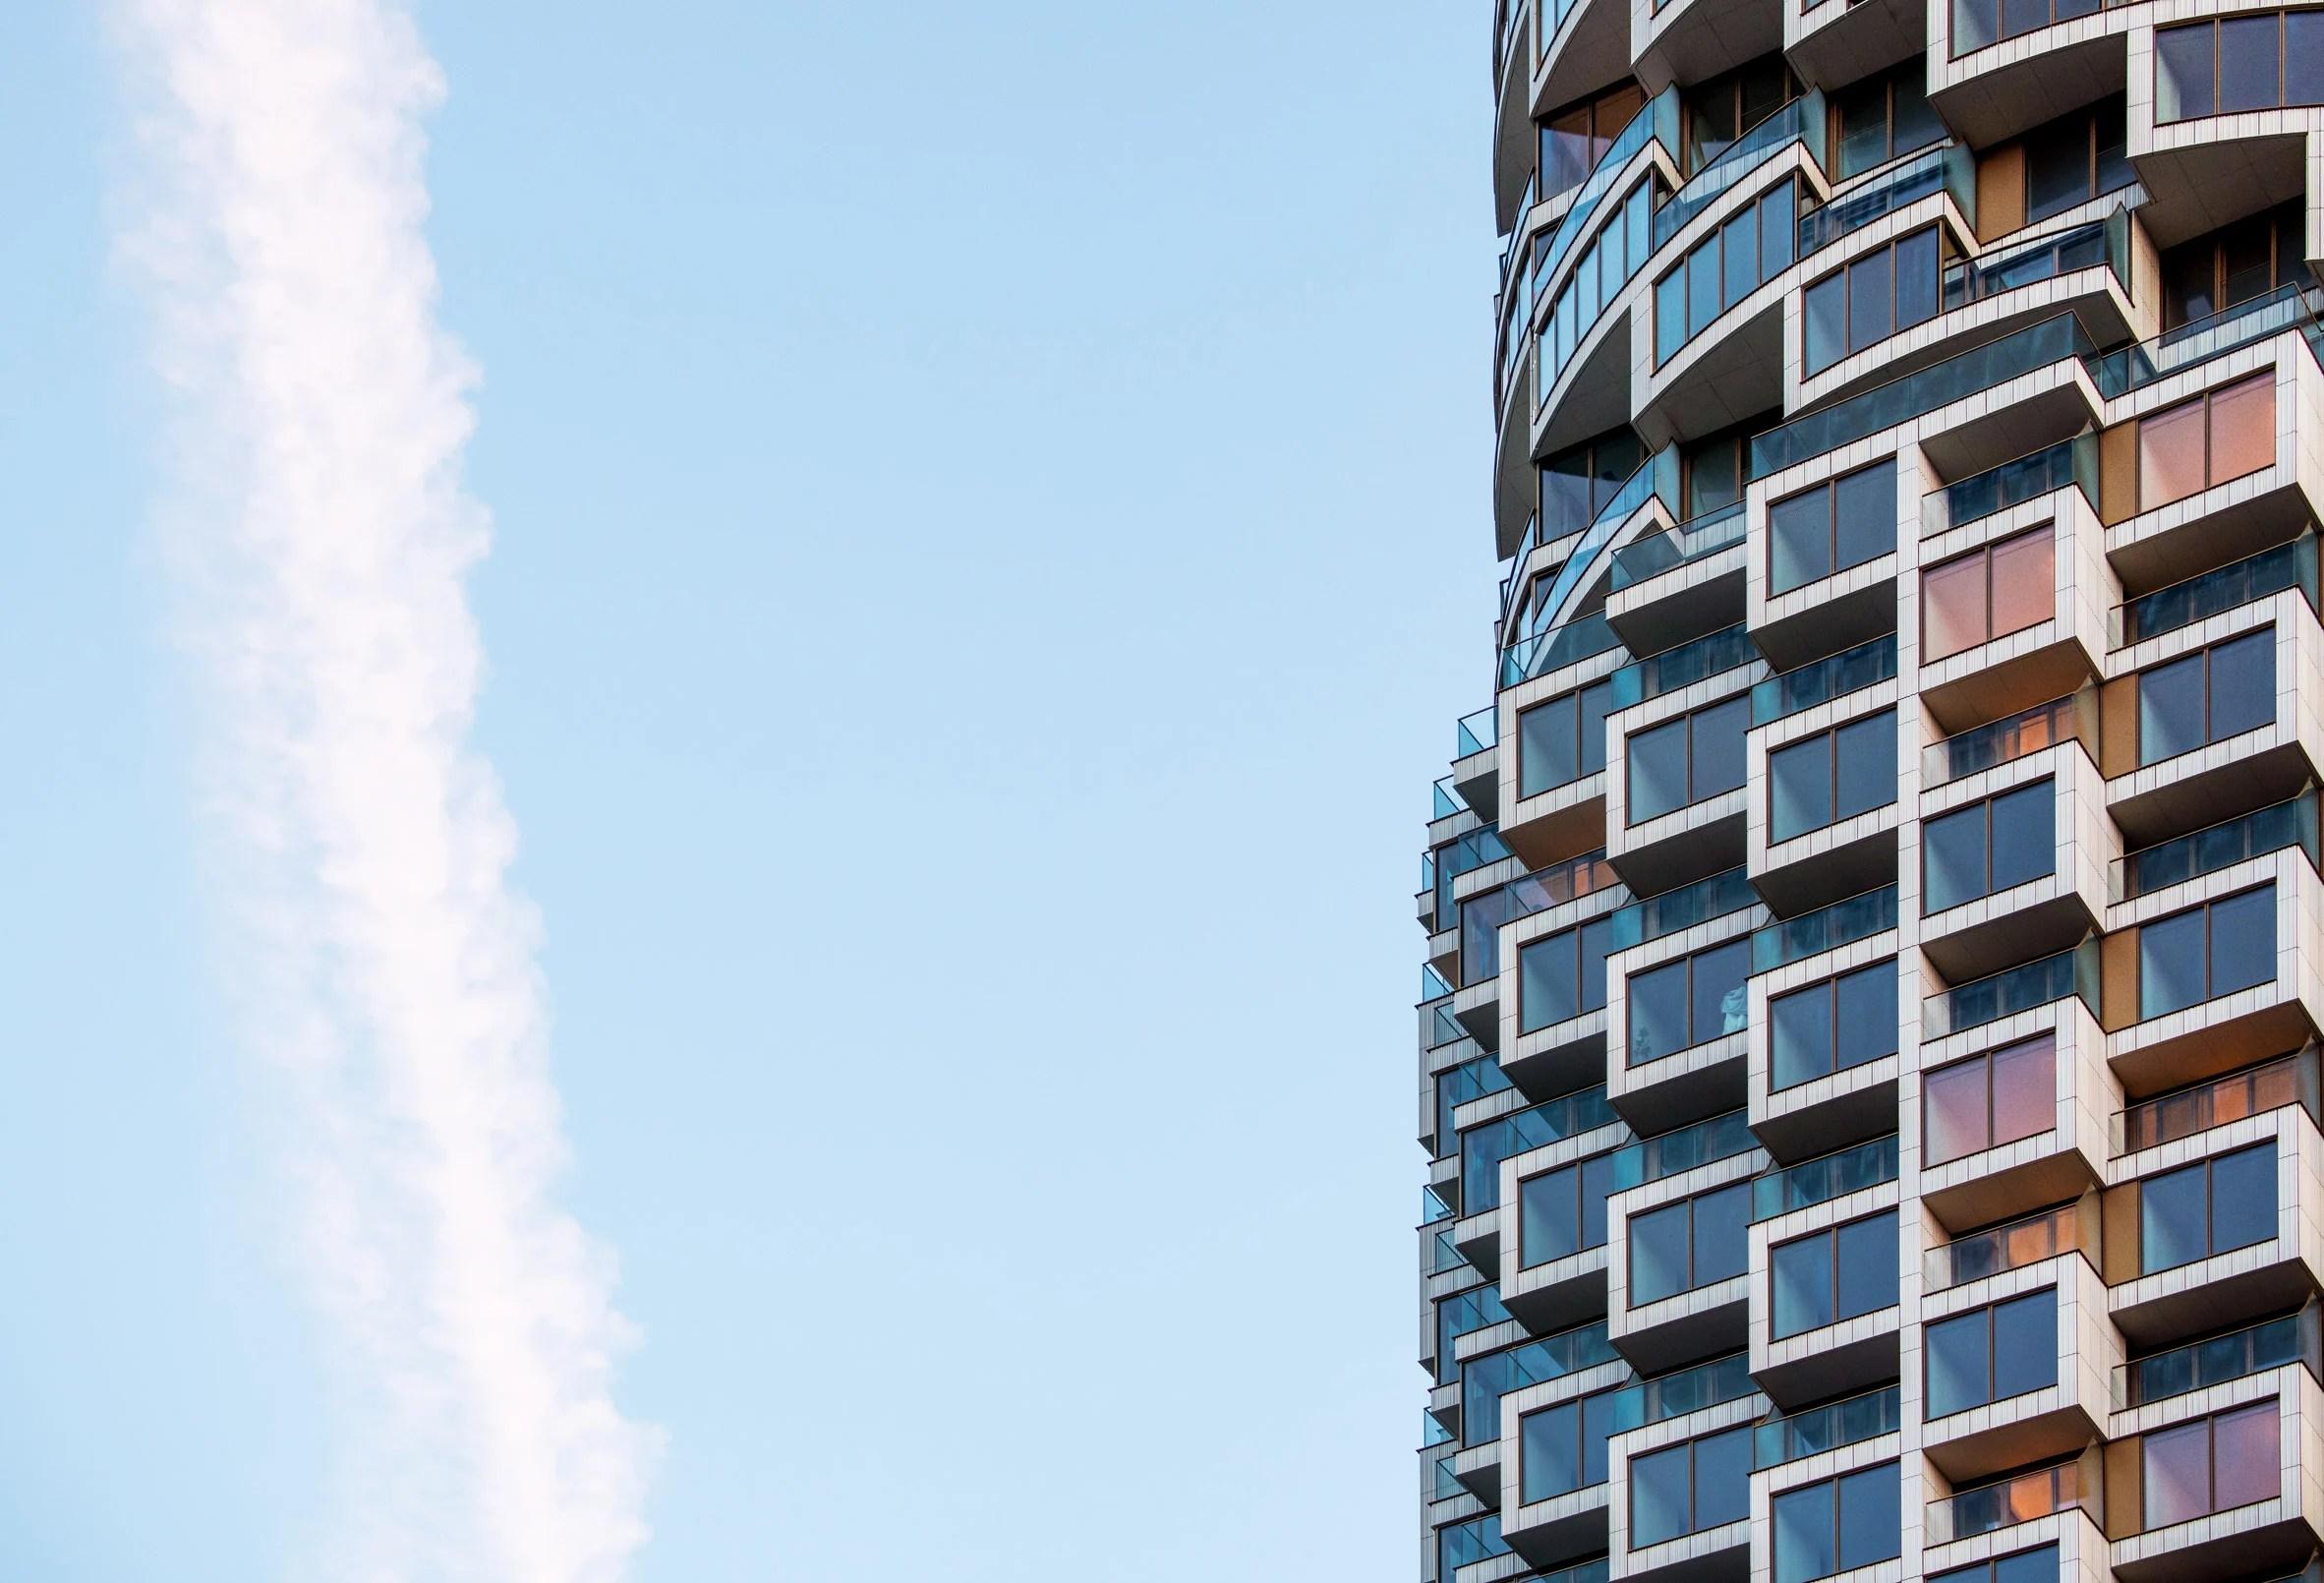 Blocky skyscraper